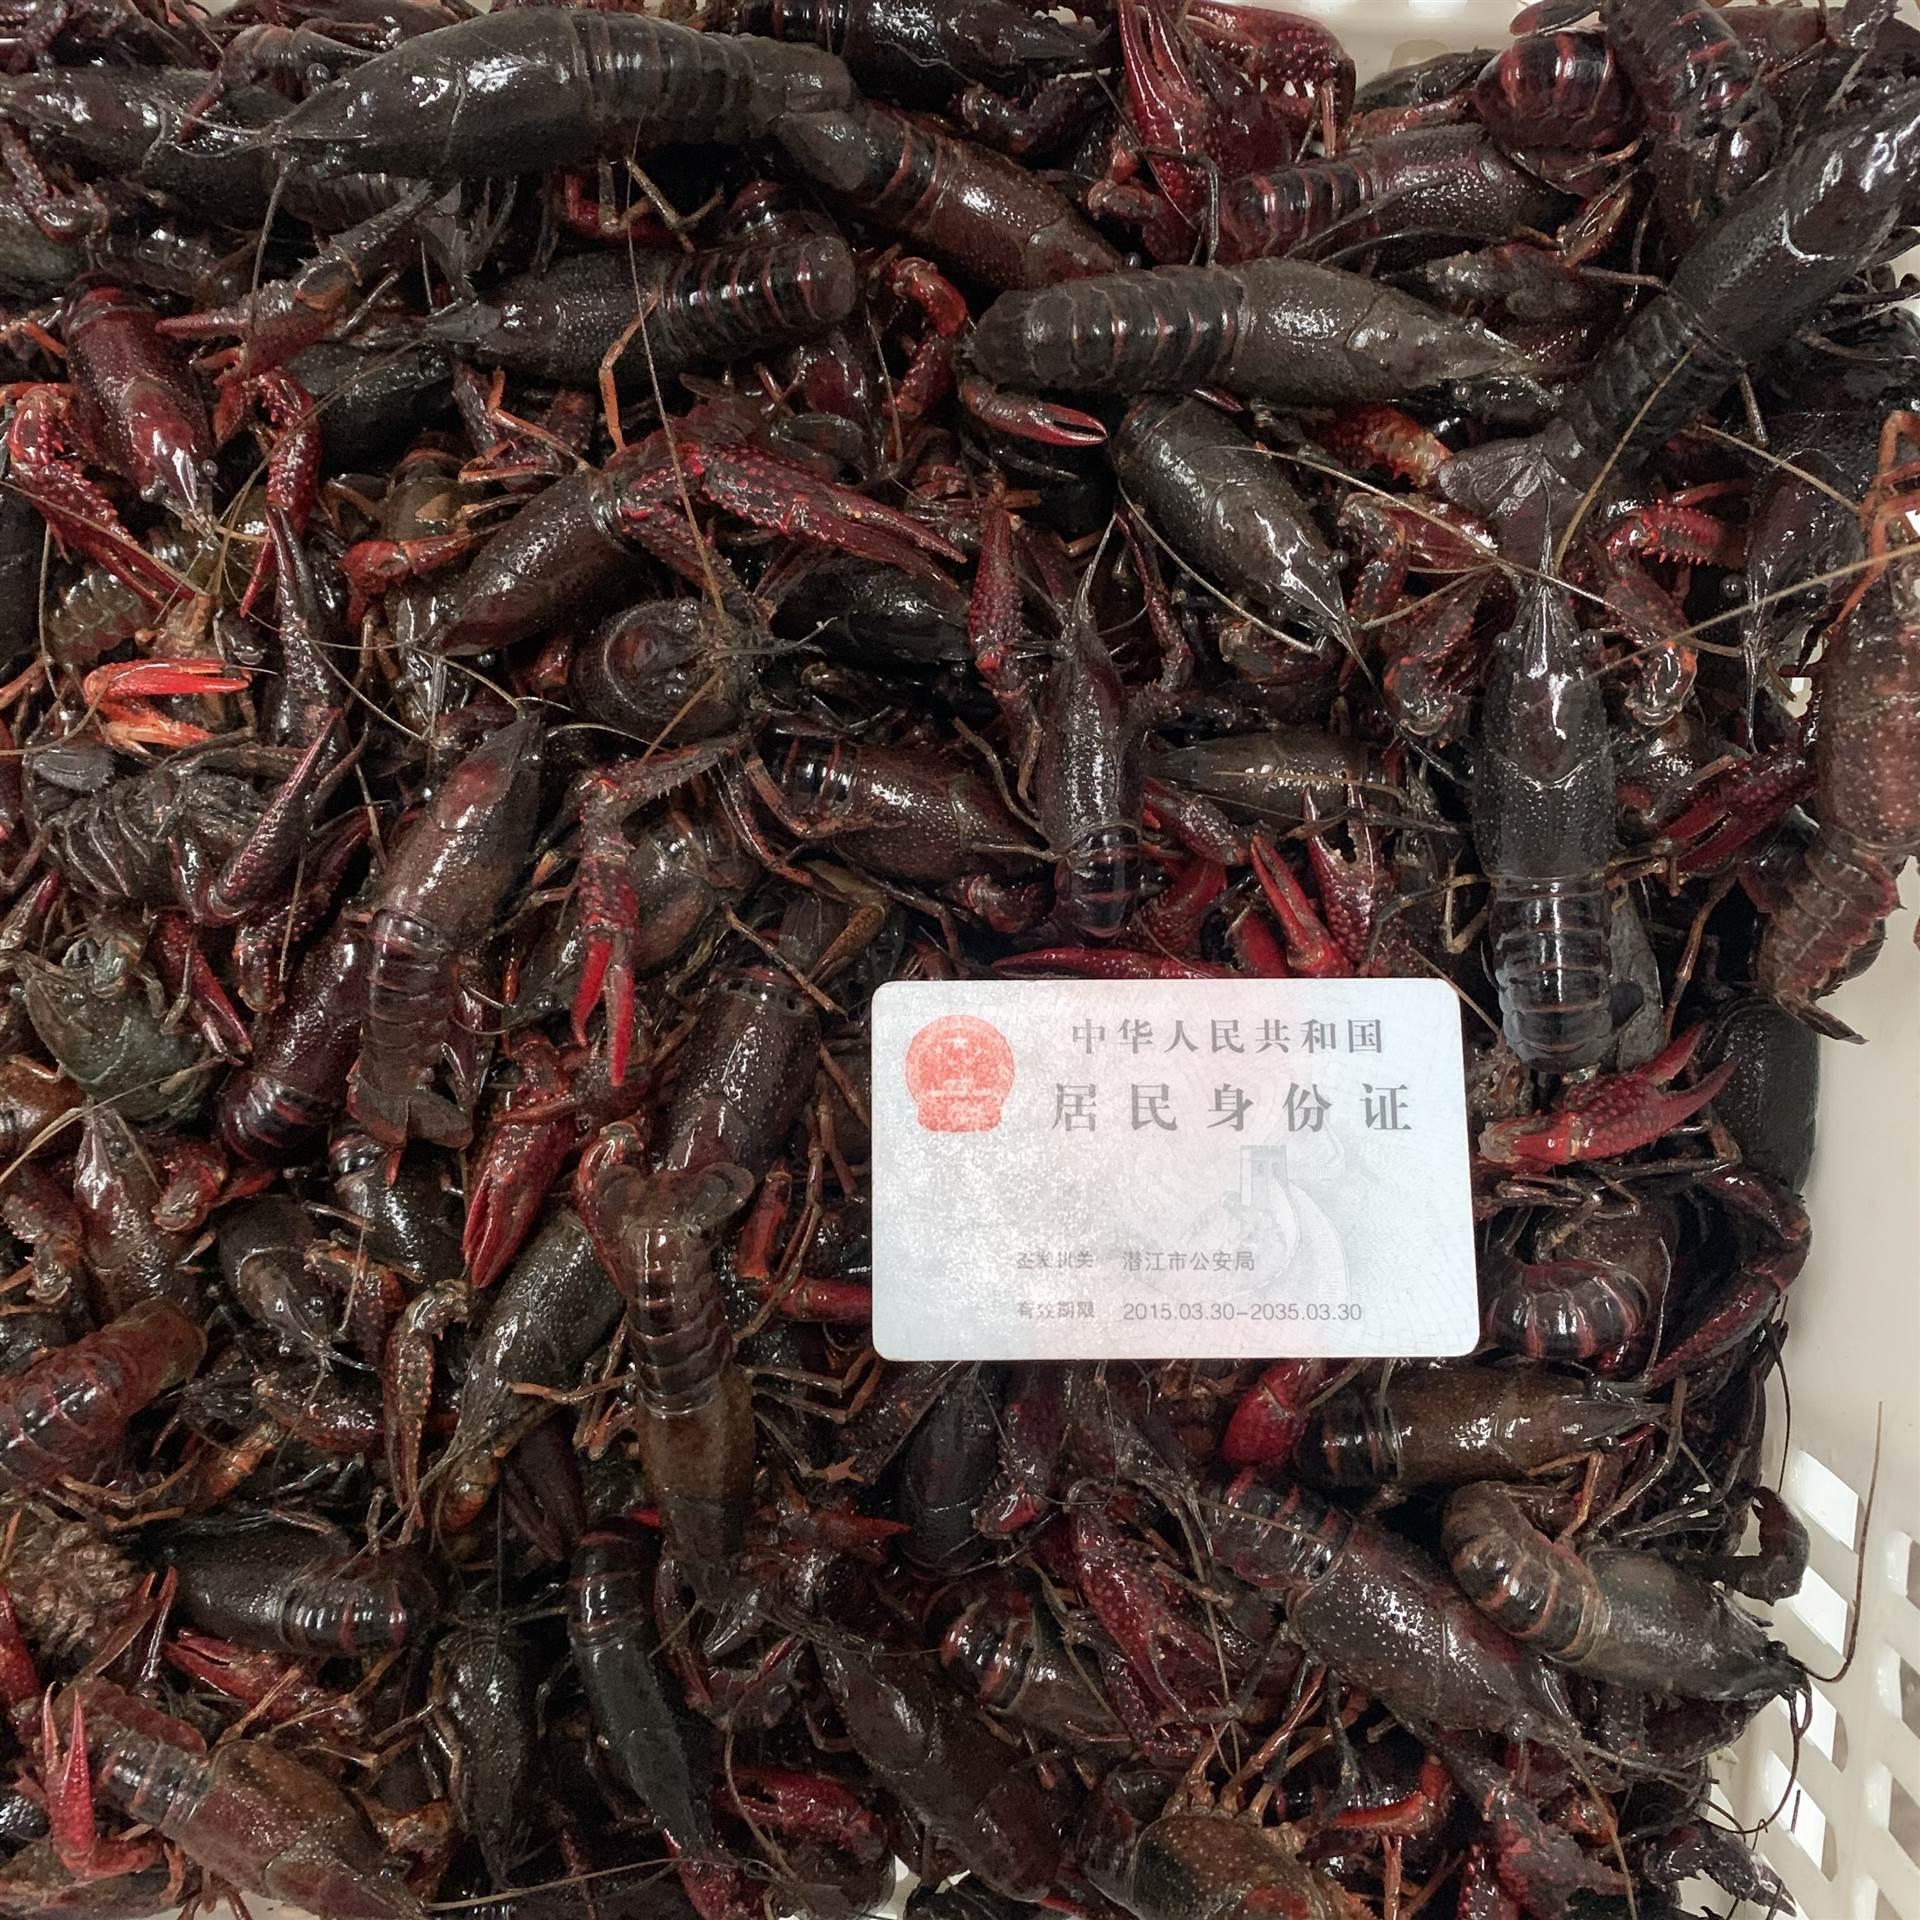 2021年3月1日潛江小龍蝦報價行情234錢滿肉小紅蝦品質規格一覽批發